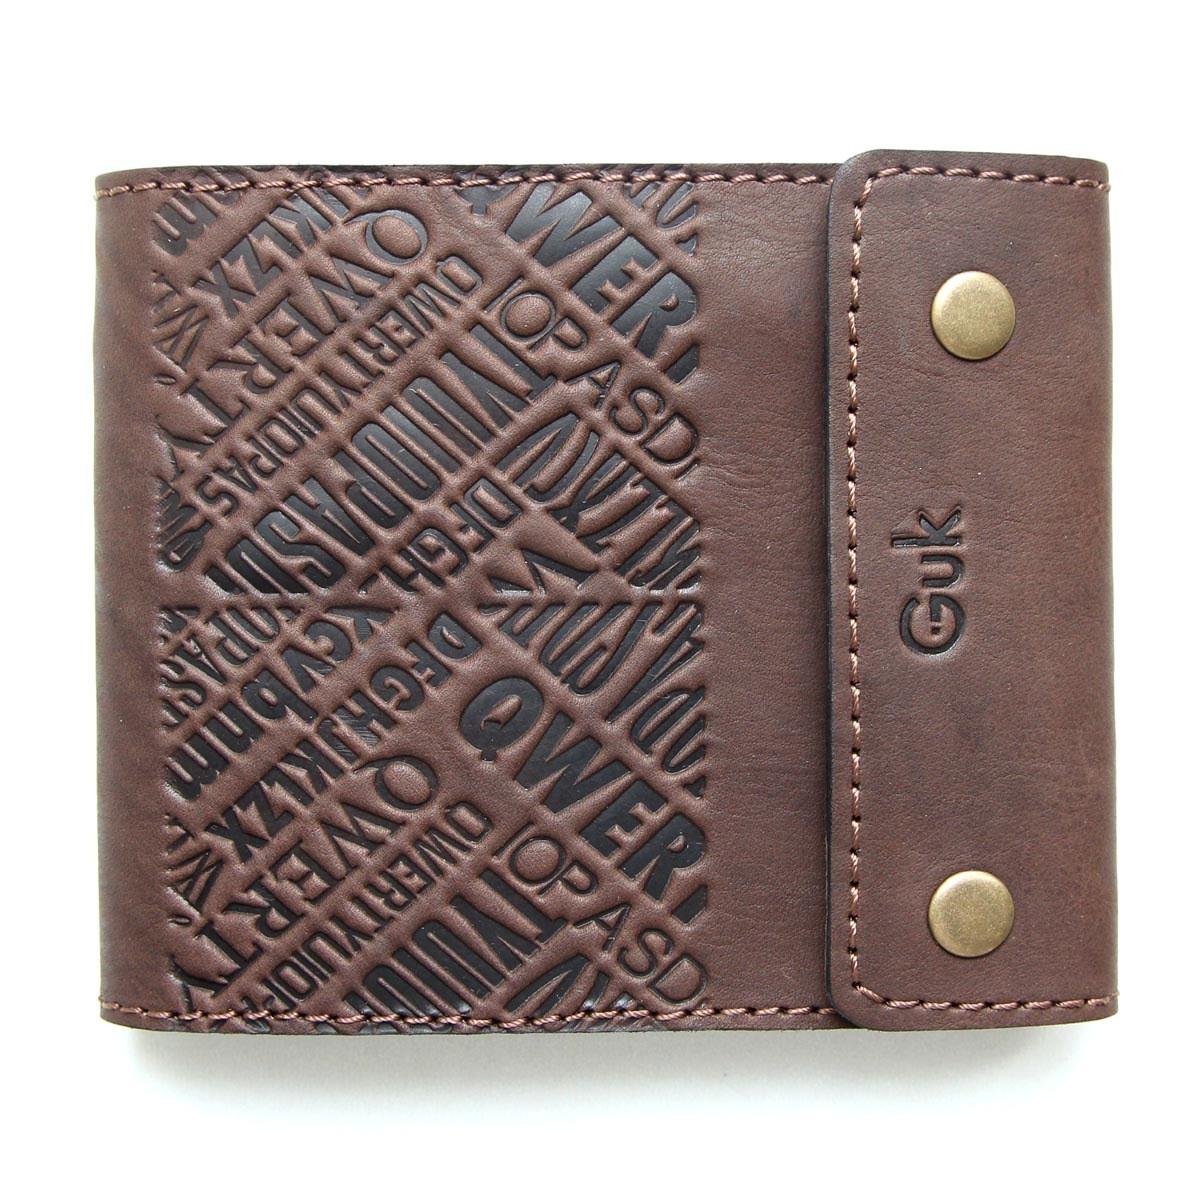 """Портмоне чоловіче шкіряне з відділенням на блискавці і кишенею для монет """"QWERTY"""" (Guk). Колір коричневий"""